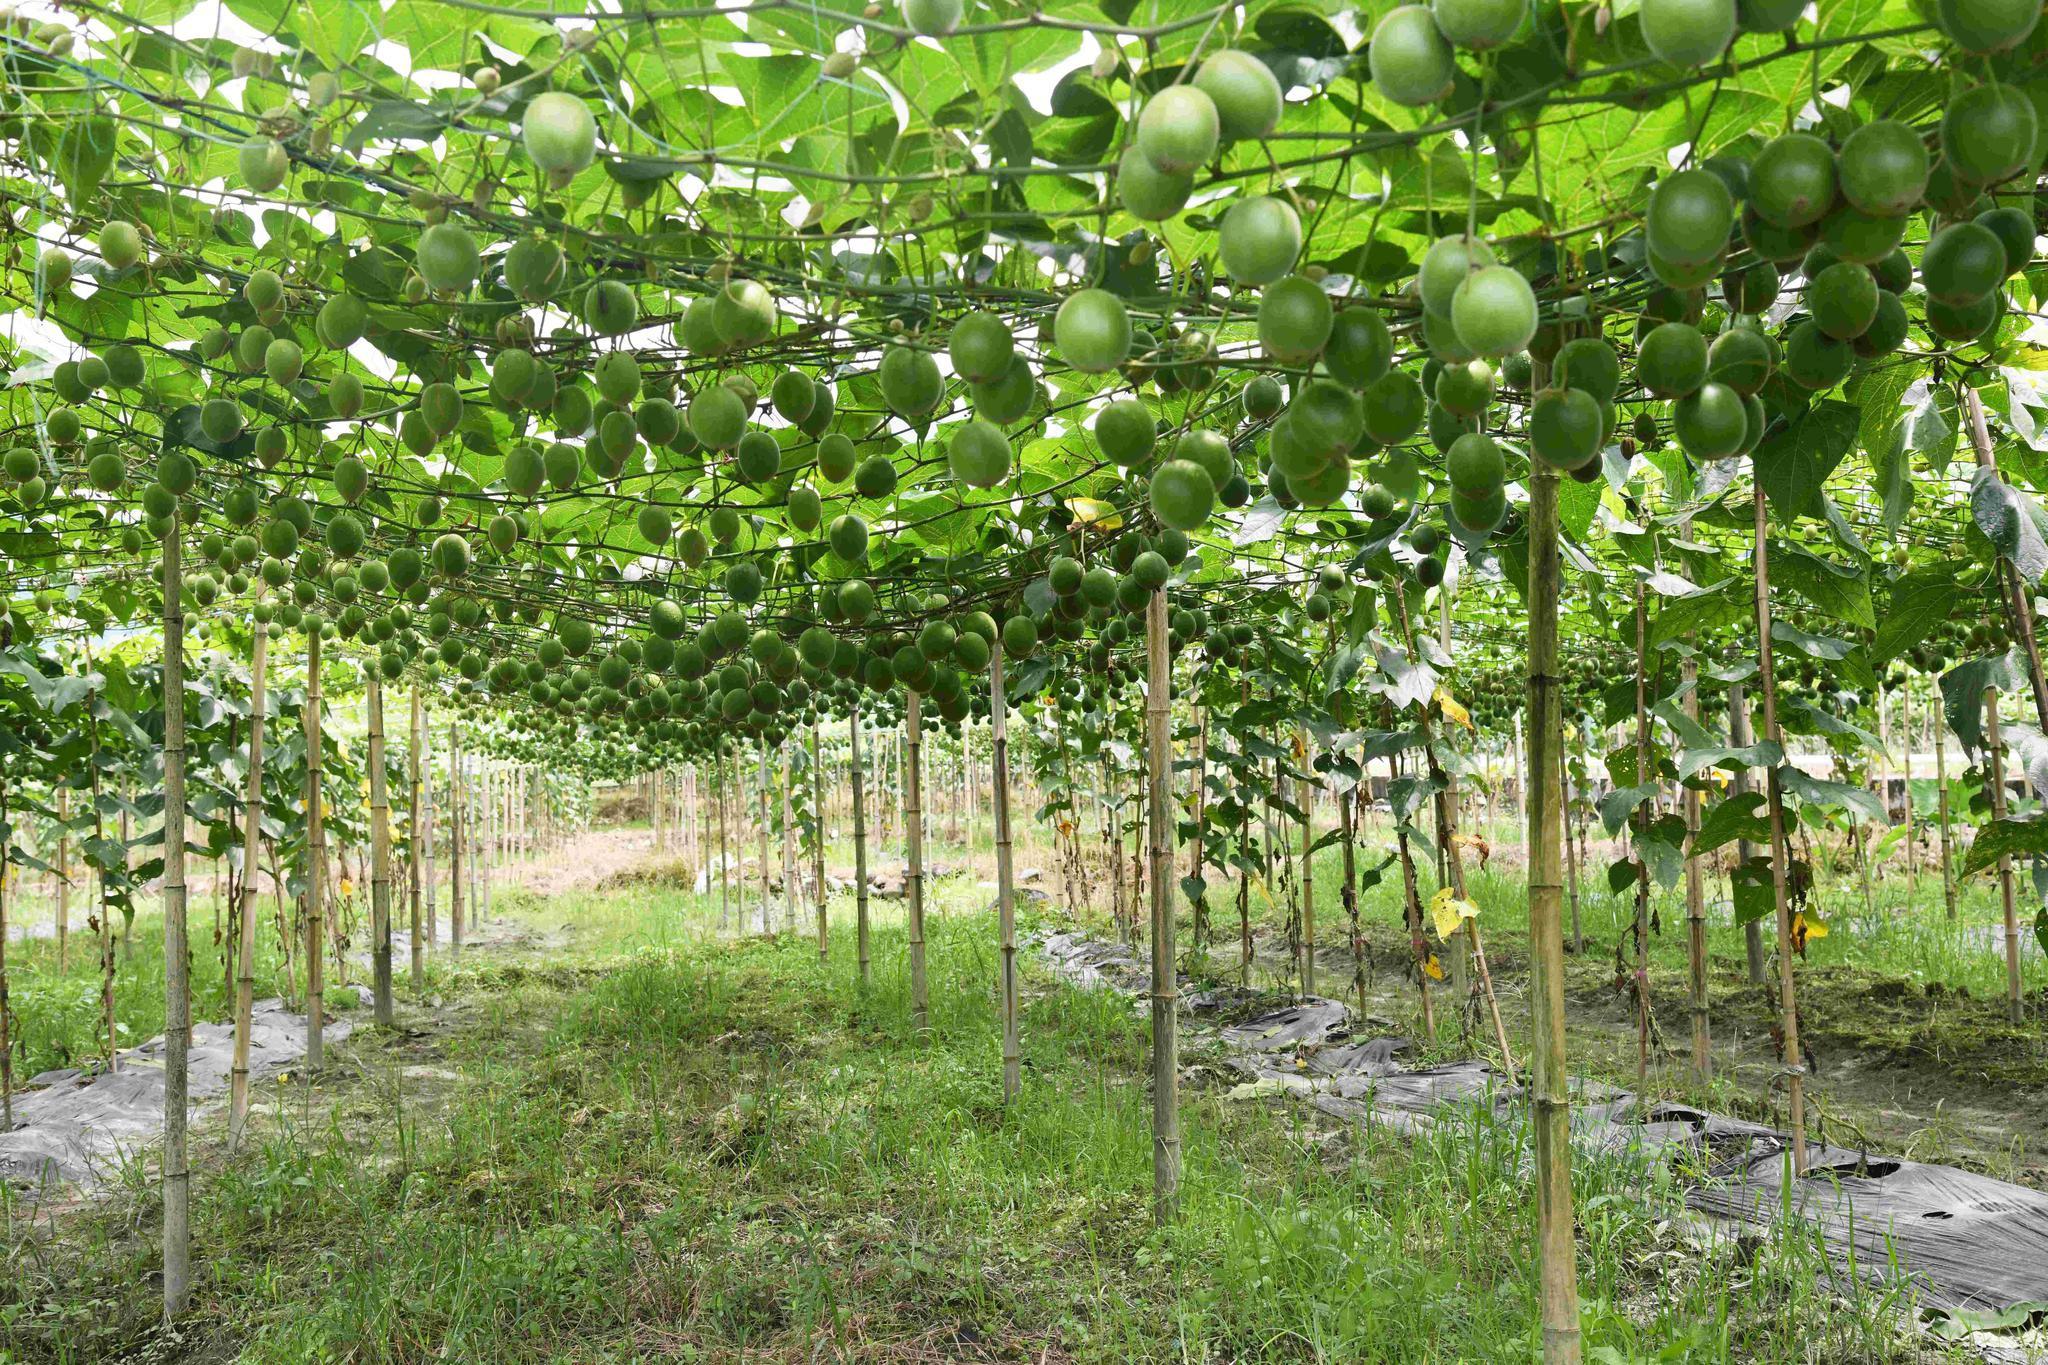 绿油油的罗汉果藤蔓下,硕大的果实挂满枝头